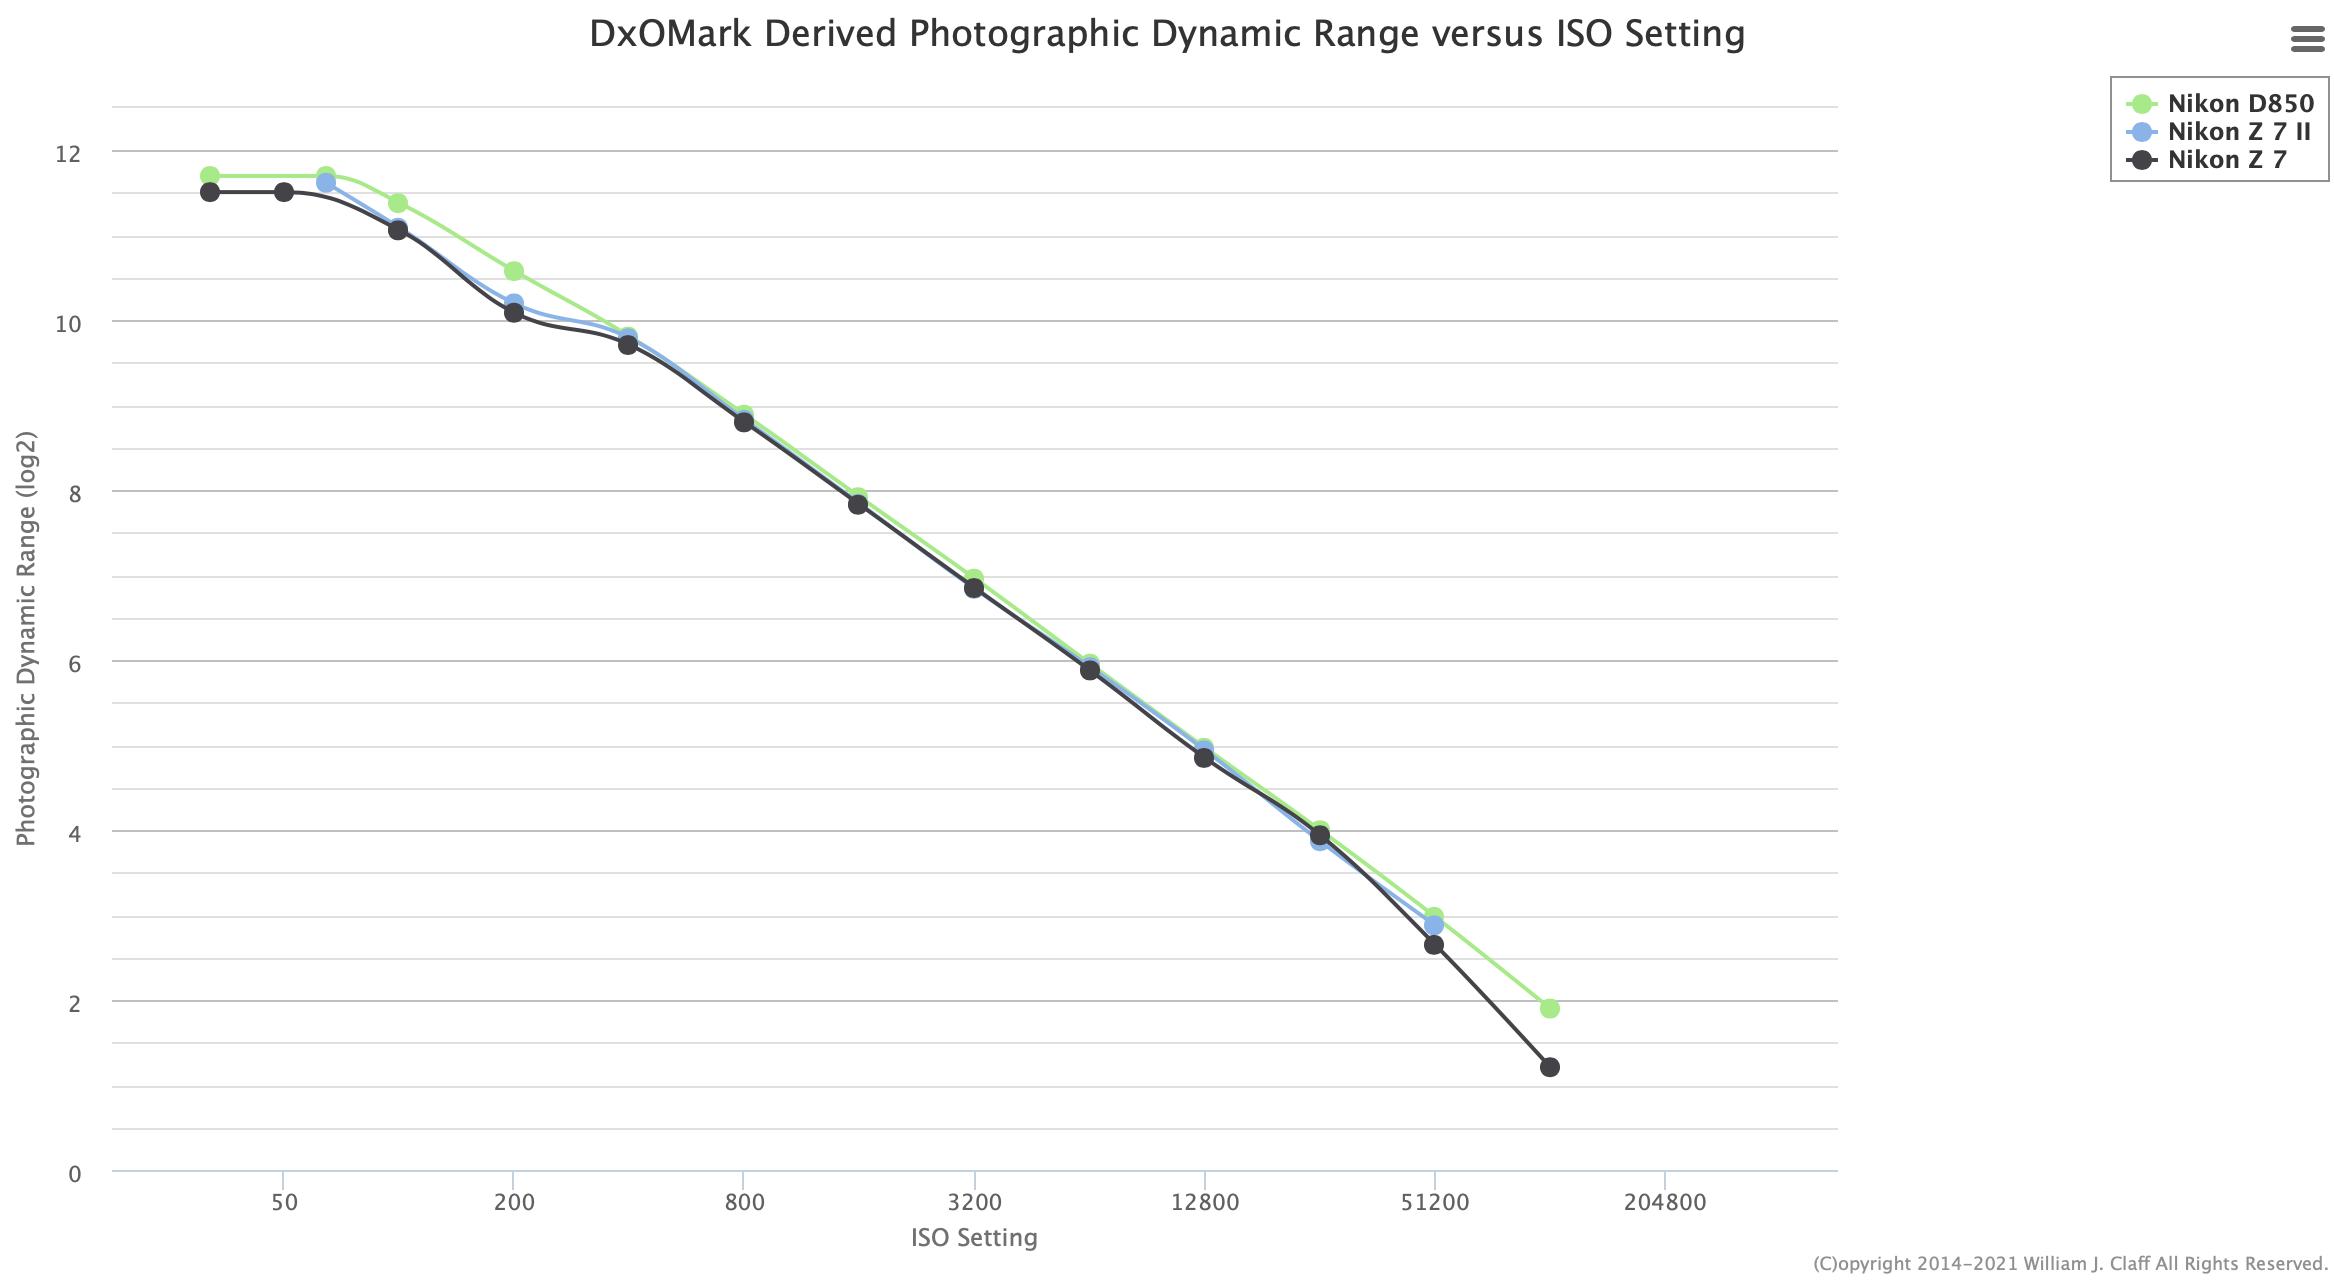 Aggiornate le misurazioni del sensore Nikon Z7 II pubblicate su PhotonsToPhotos